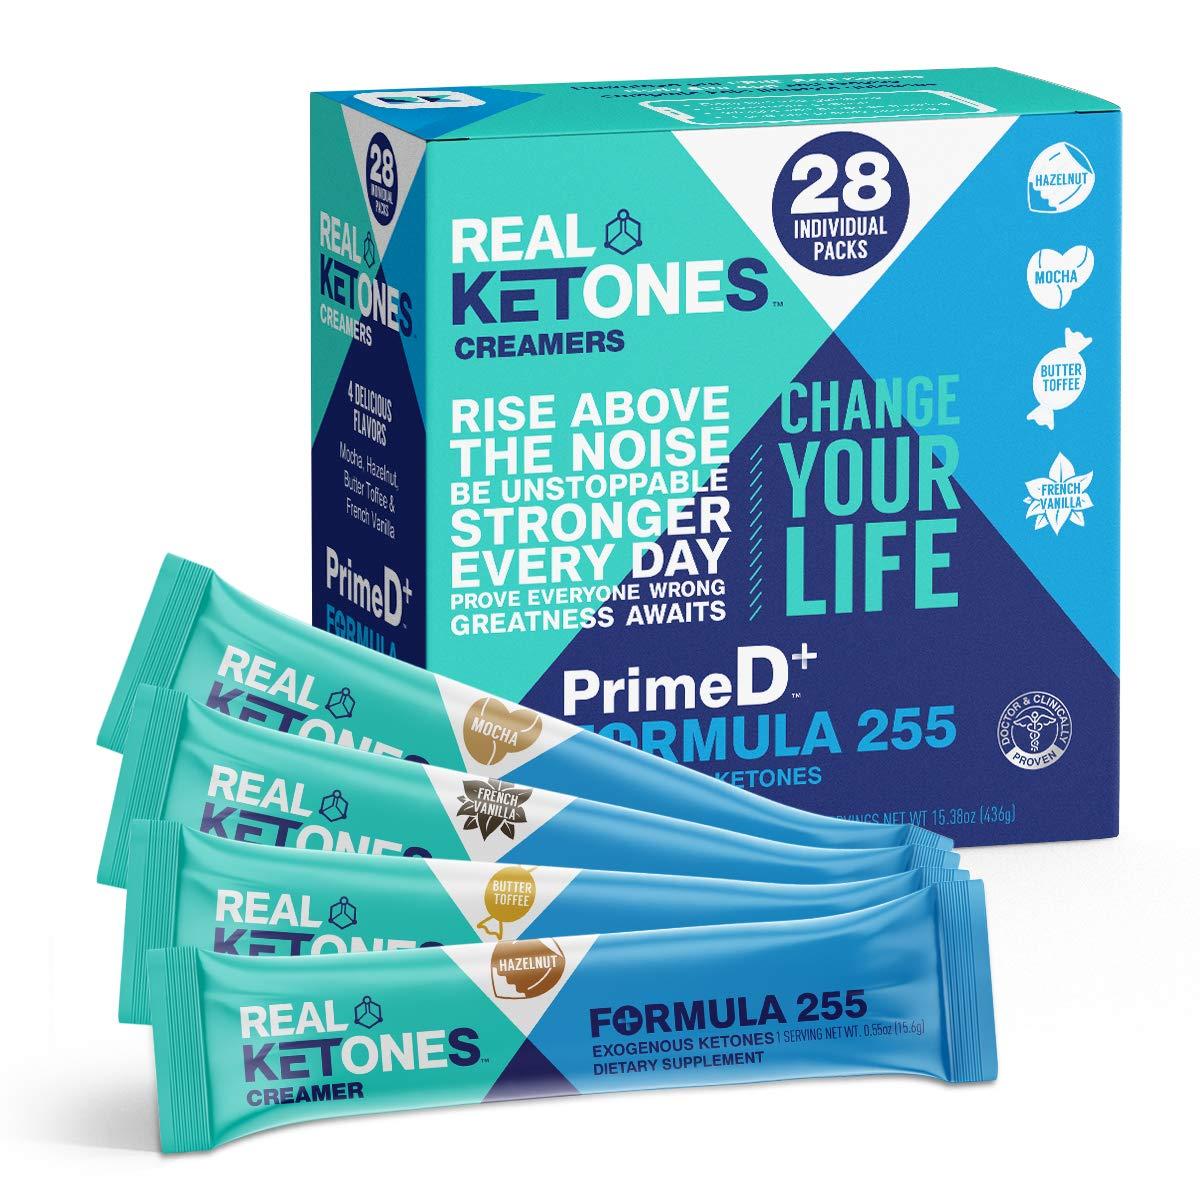 Real Ketones - Keto Coffee Creamer on-the-go keto coffee mix by Real Ketones